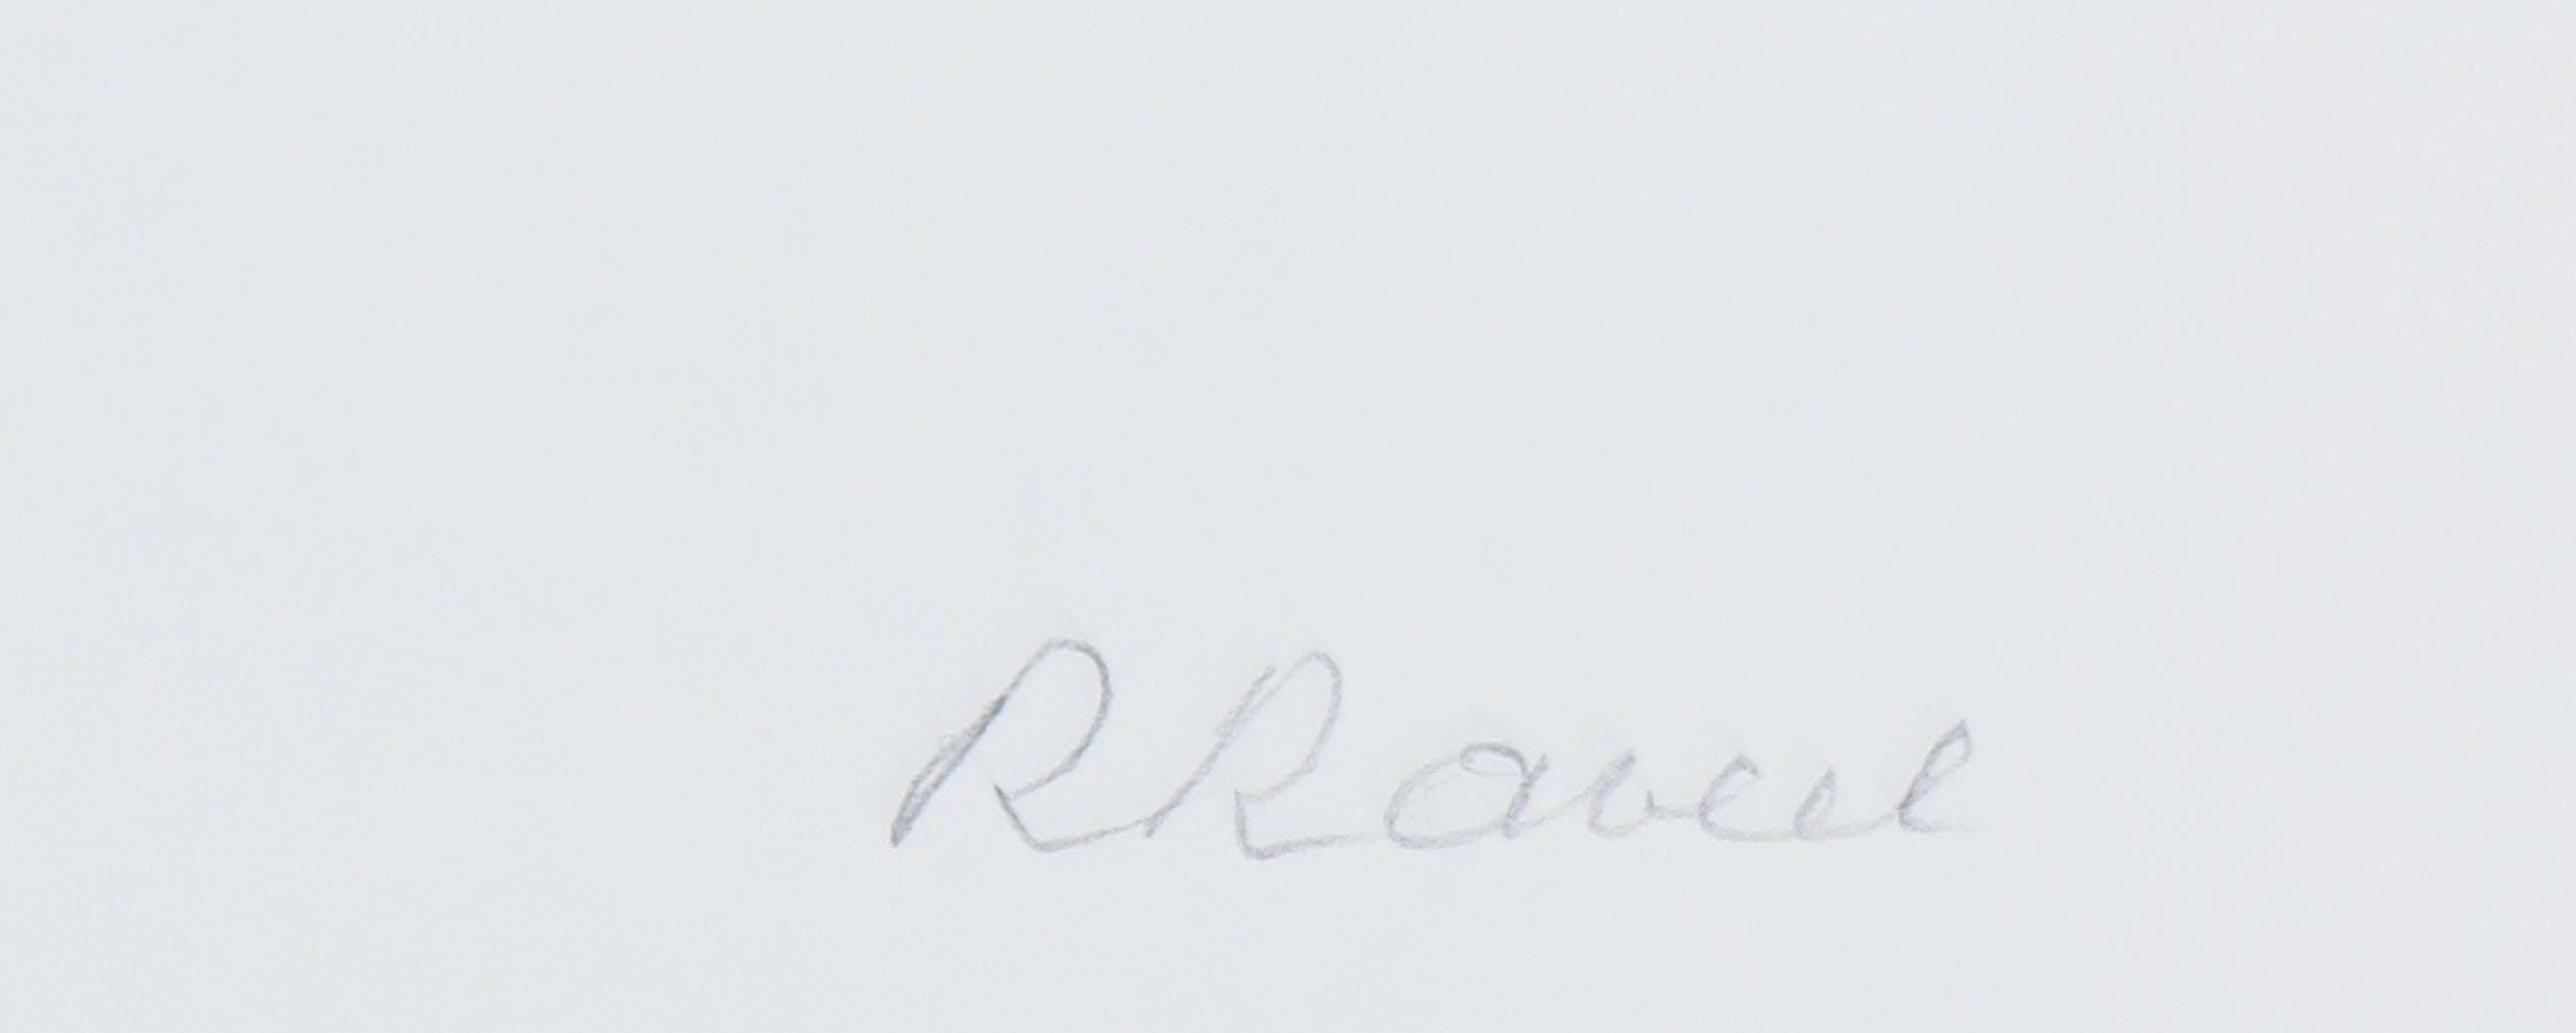 Roger Raveel - Suite van zes zeefdrukken, Felix Vulgaris kopen? Bied vanaf 1800!